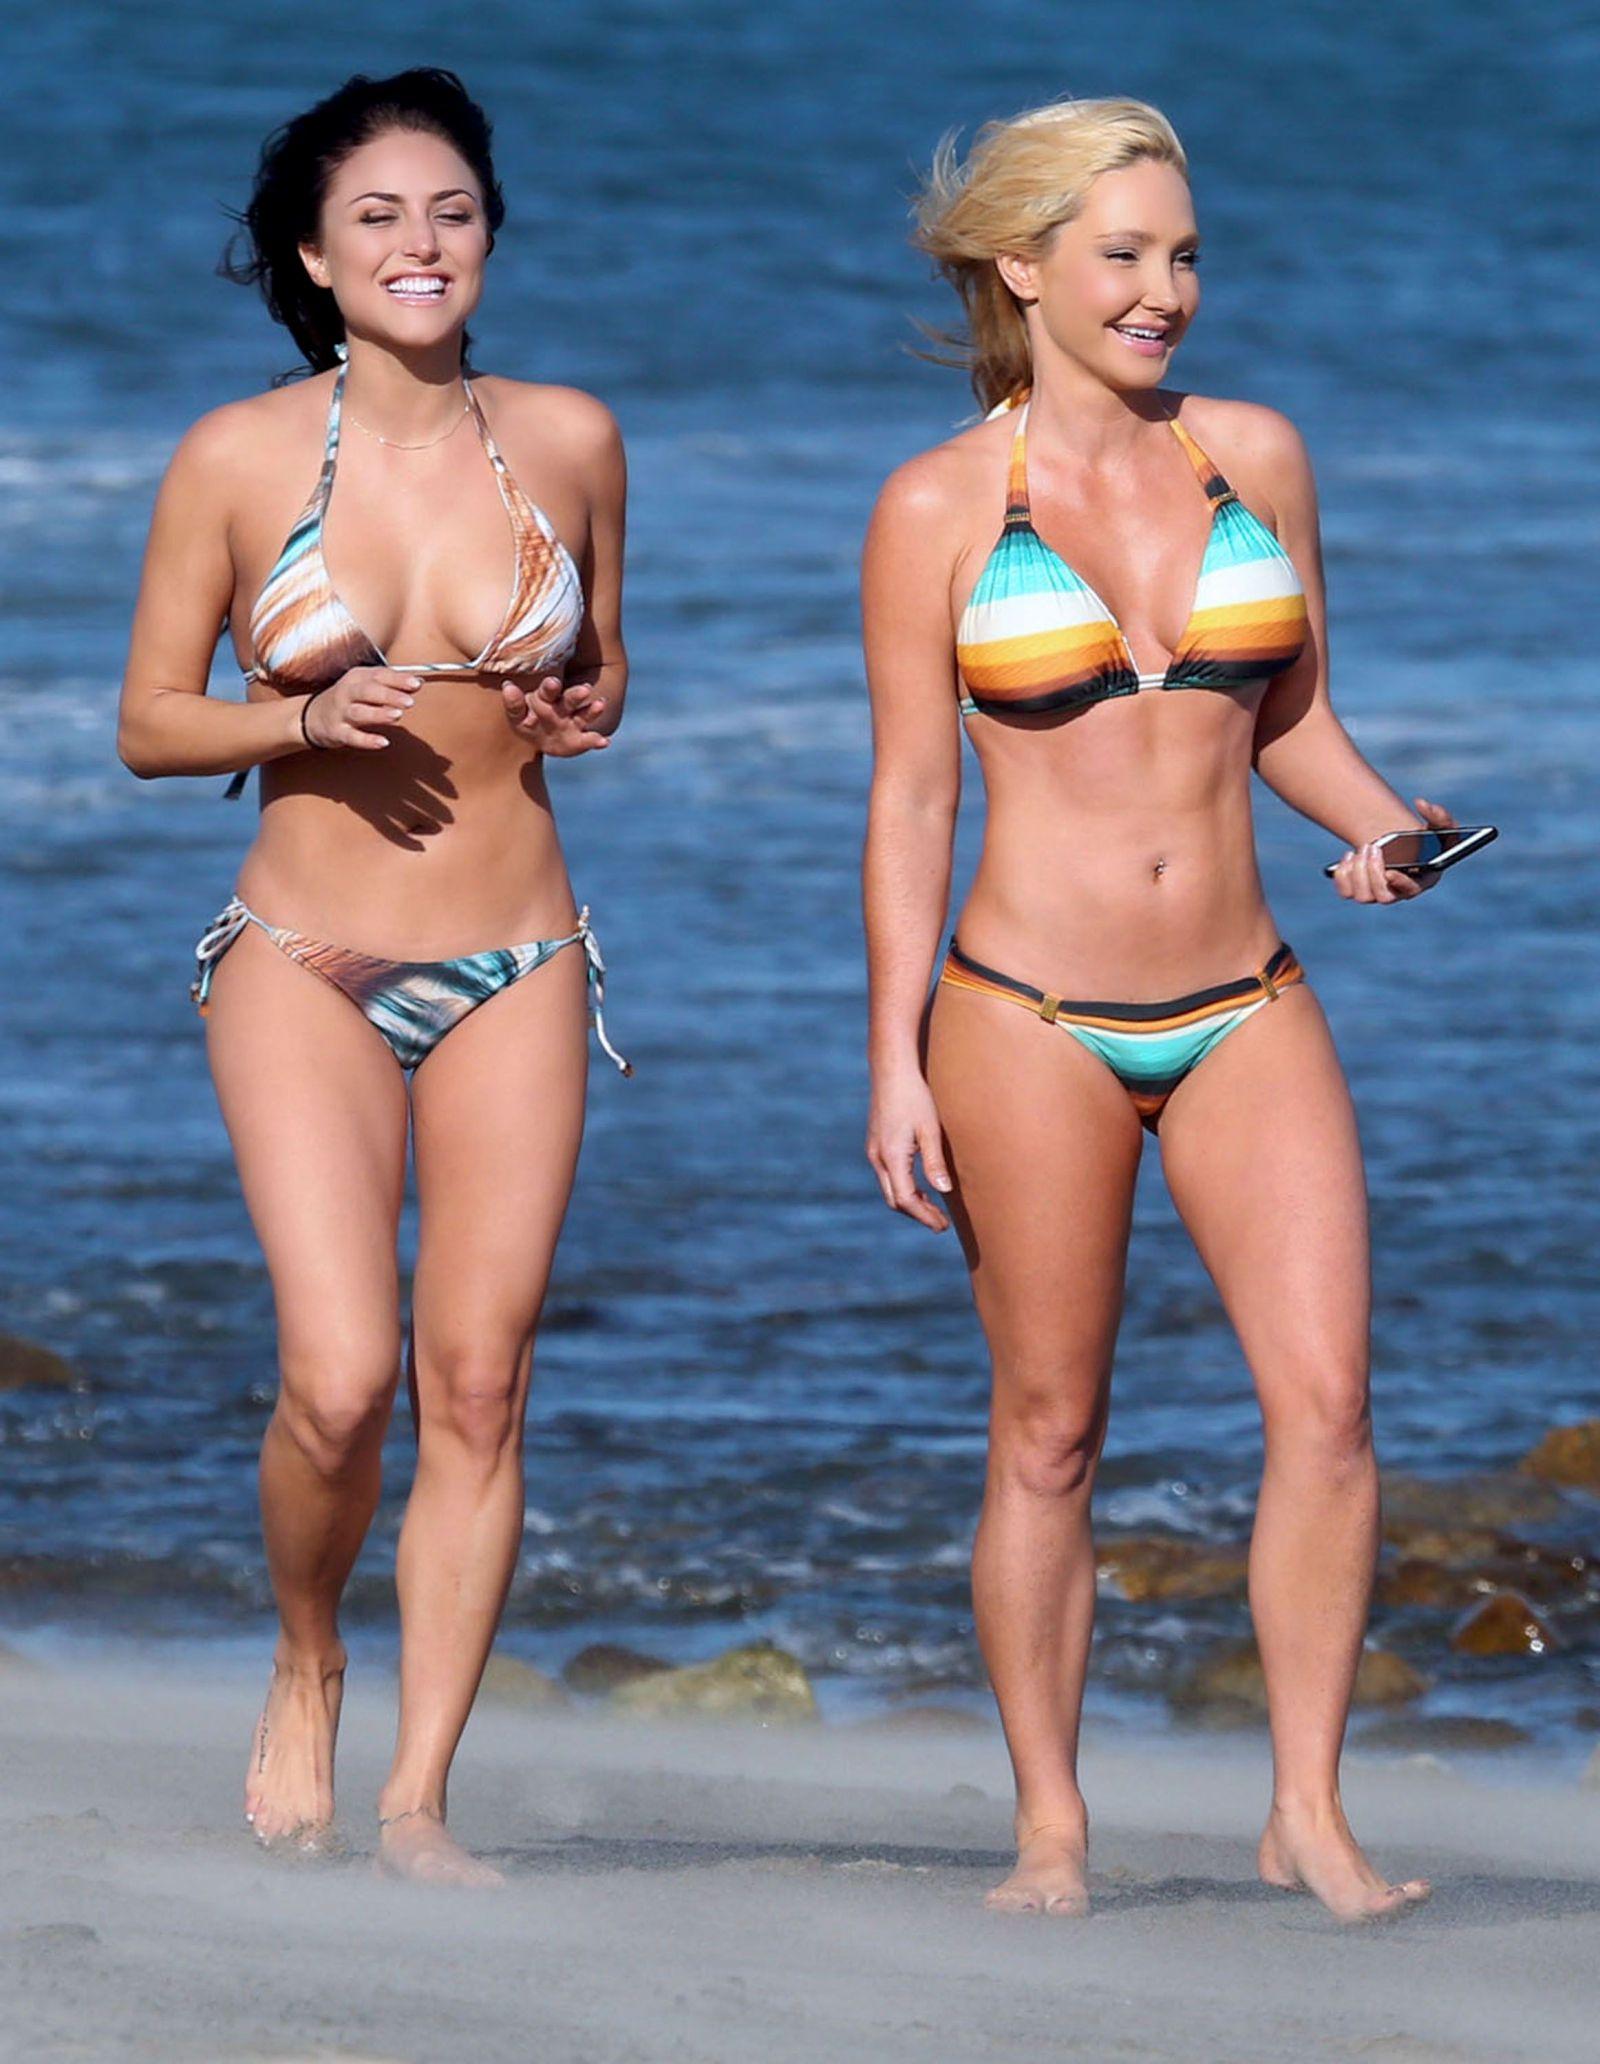 Wife tits bikini 4glover